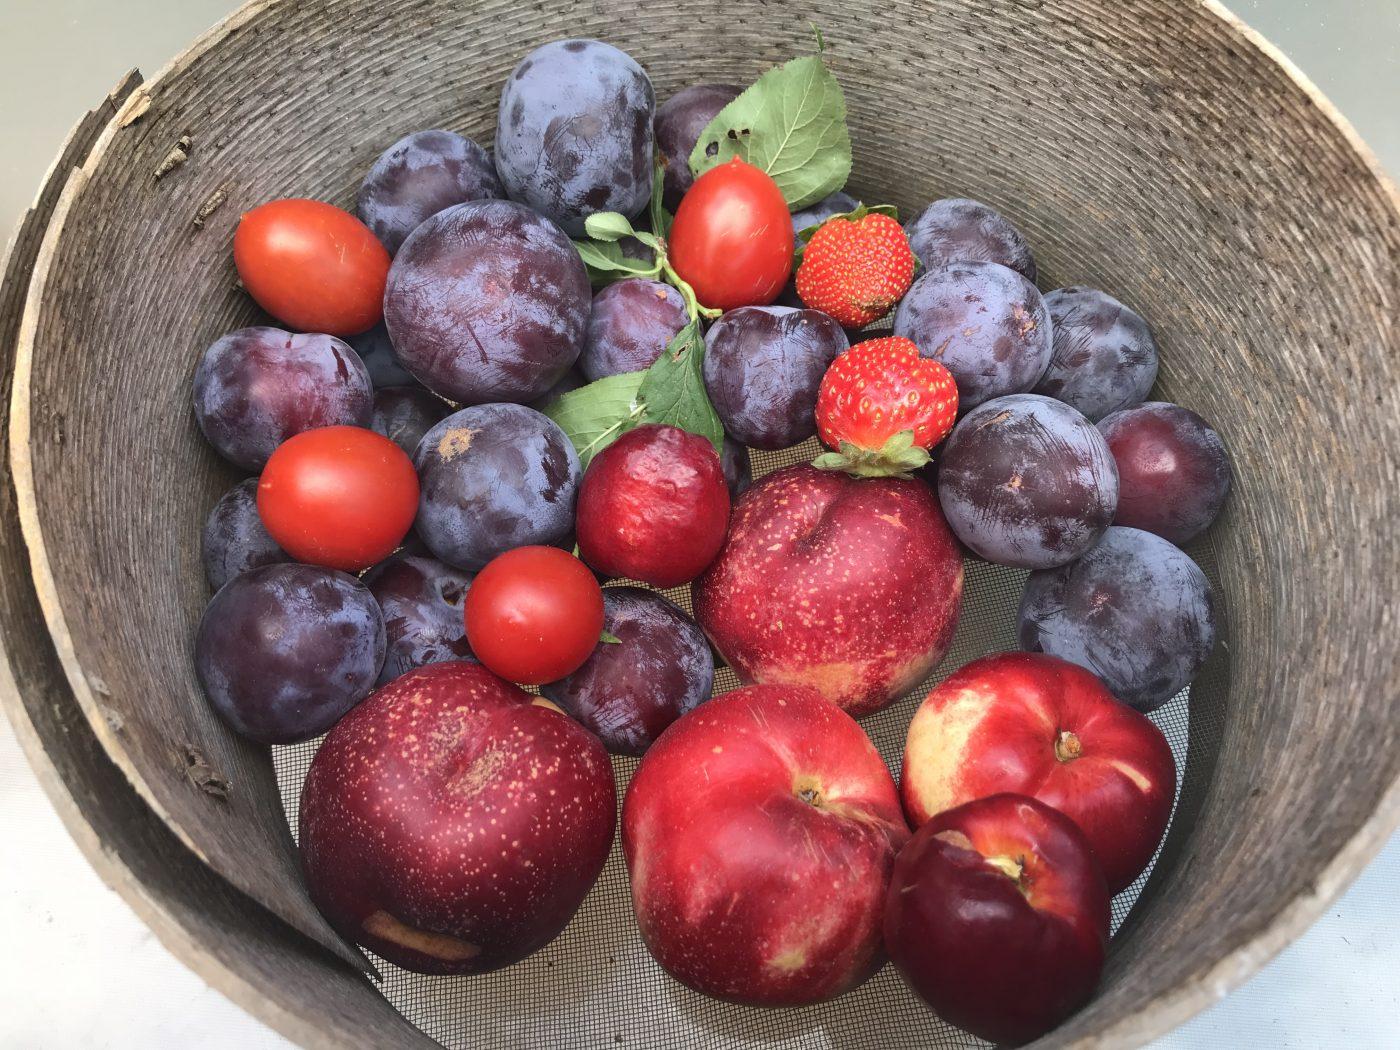 איך בוחרים פירות וירקות טריים וטובים?